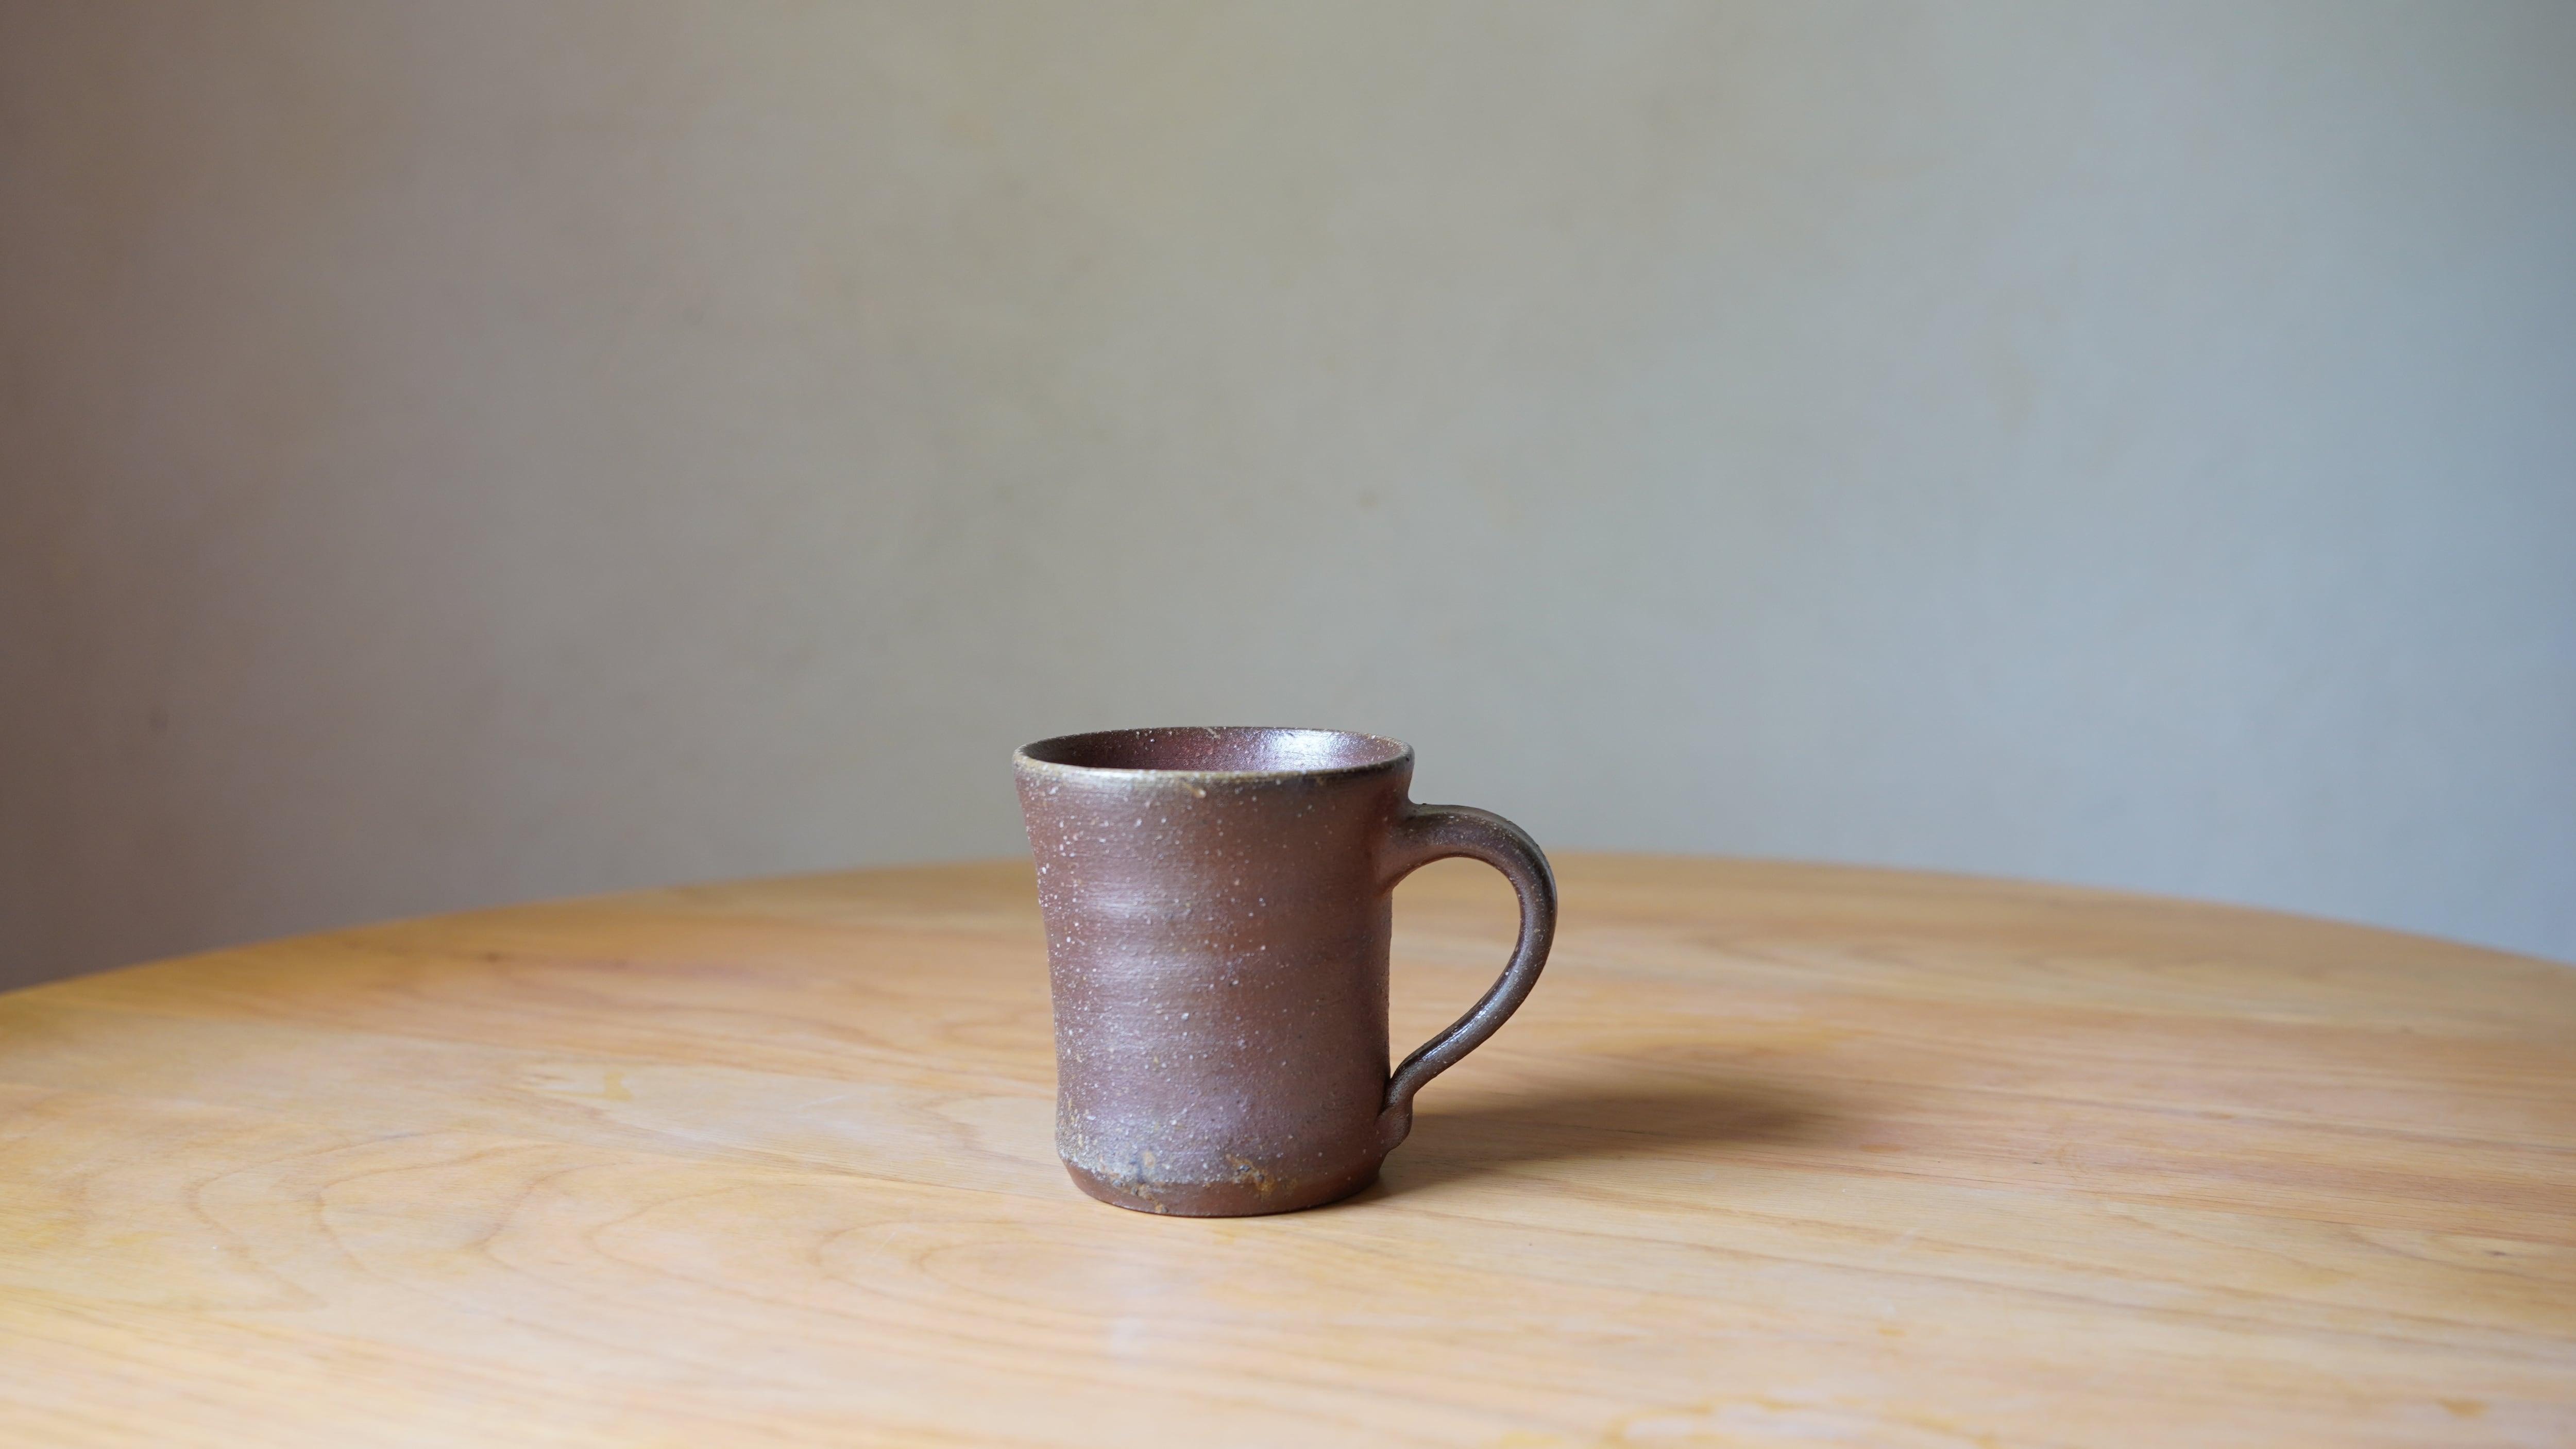 安田龍彦「コーヒーカップ」(wy-3)